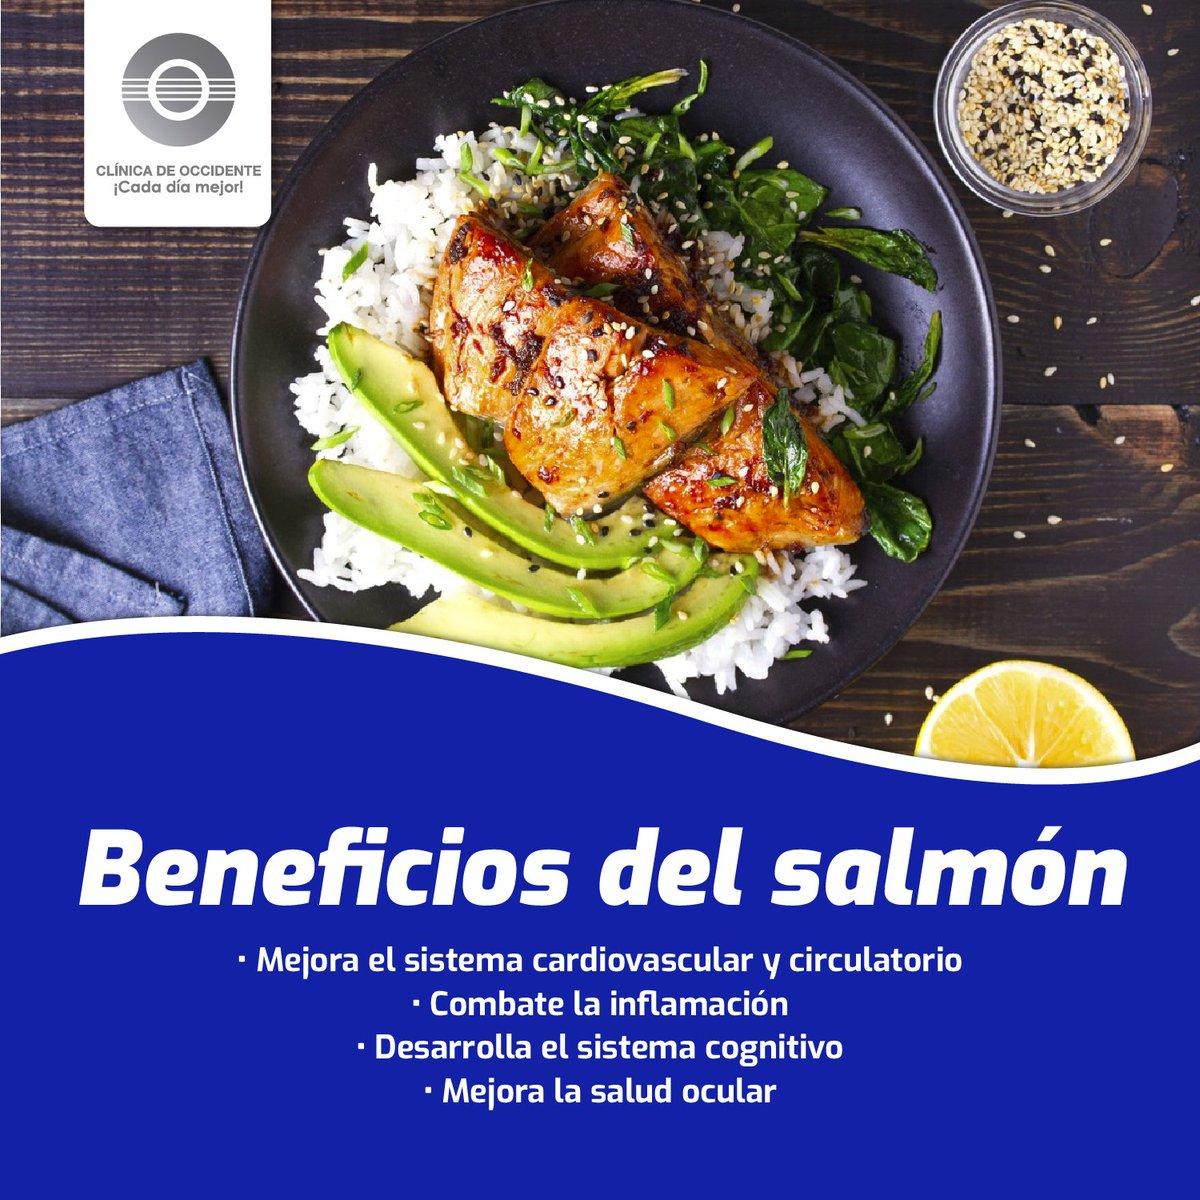 El salmón es un alimento muy nutritivo y saludable, rico en proteínas y ácidos grasos que ayudan a tu cuerpo, además que es una excelente fuente de vitaminas como la B12, B6 y la niacina. Aliméntate rico y saludablemente. #CDO #CadaDíaMejor #Nutrición #Bienestar #FelizLunes